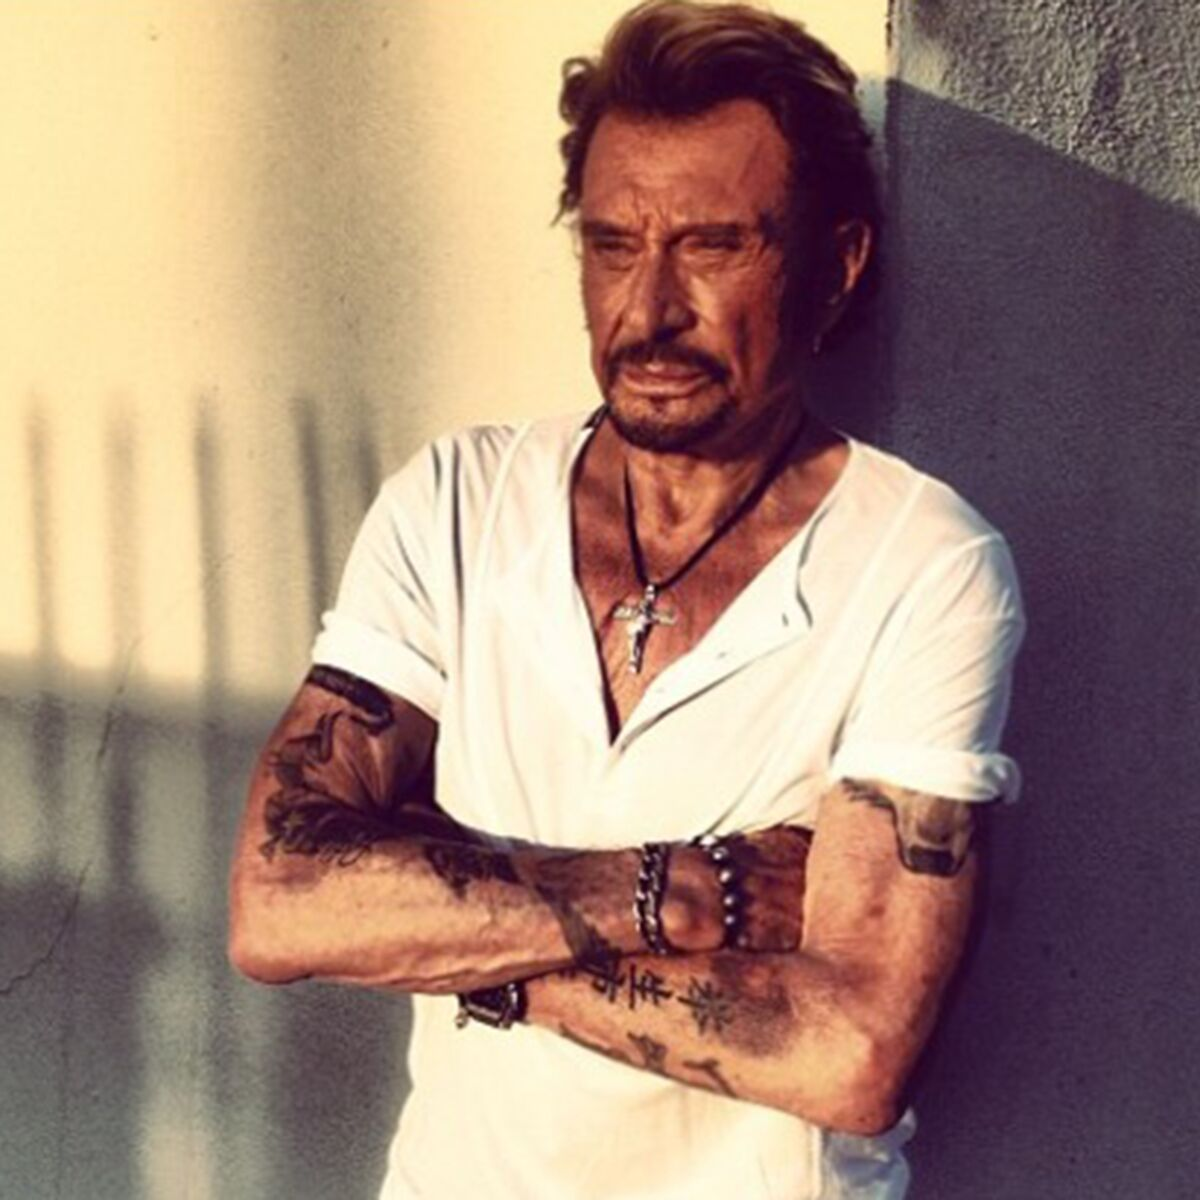 Johnny Hallyday Decryptage De 6 De Ses Tatouages Femme Actuelle Le Mag